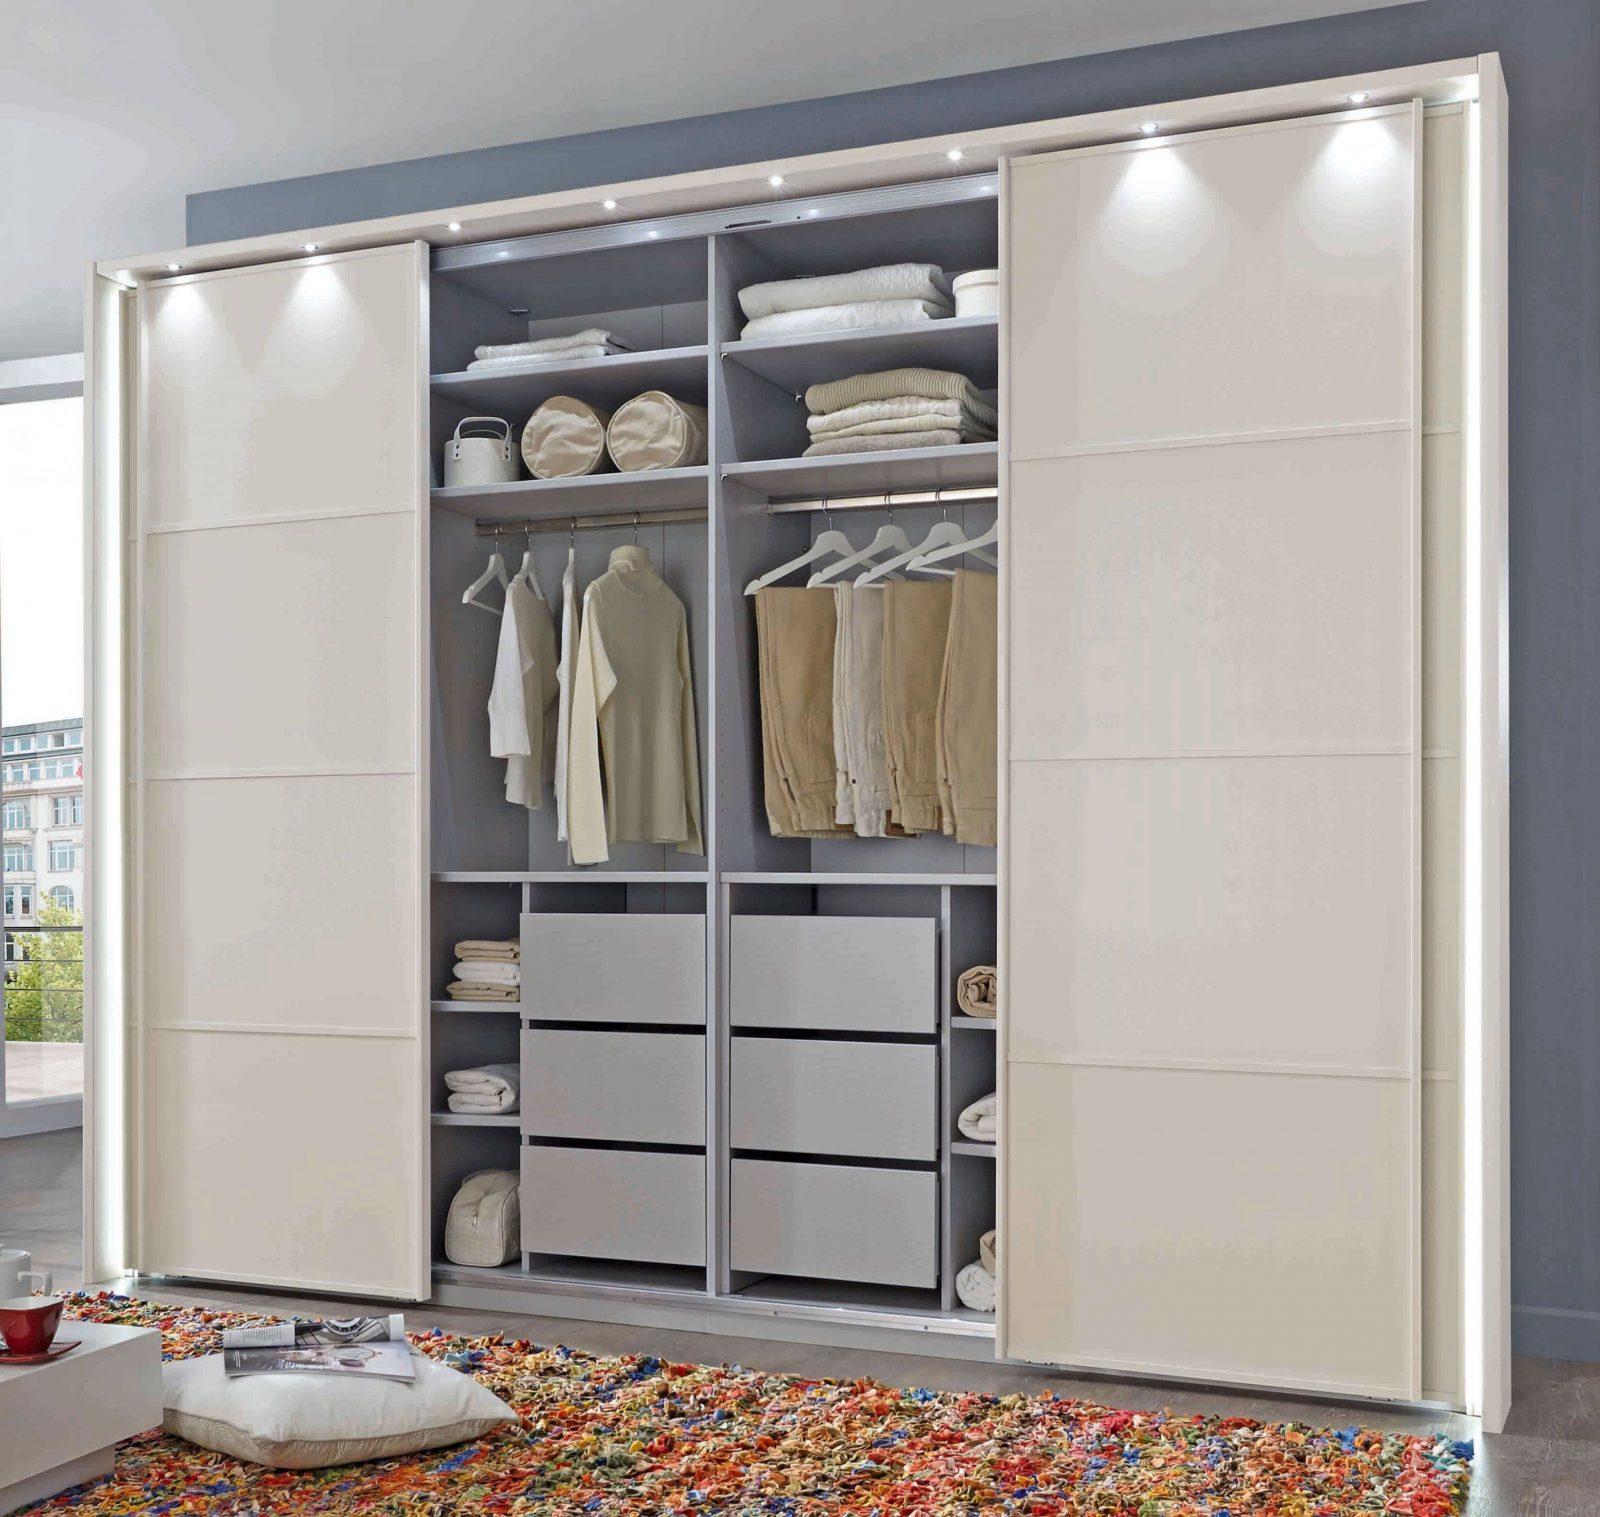 kleiderschrank 2 50m breit archives garderoben ideen und bilder von kleiderschrank 2 50 m breit. Black Bedroom Furniture Sets. Home Design Ideas